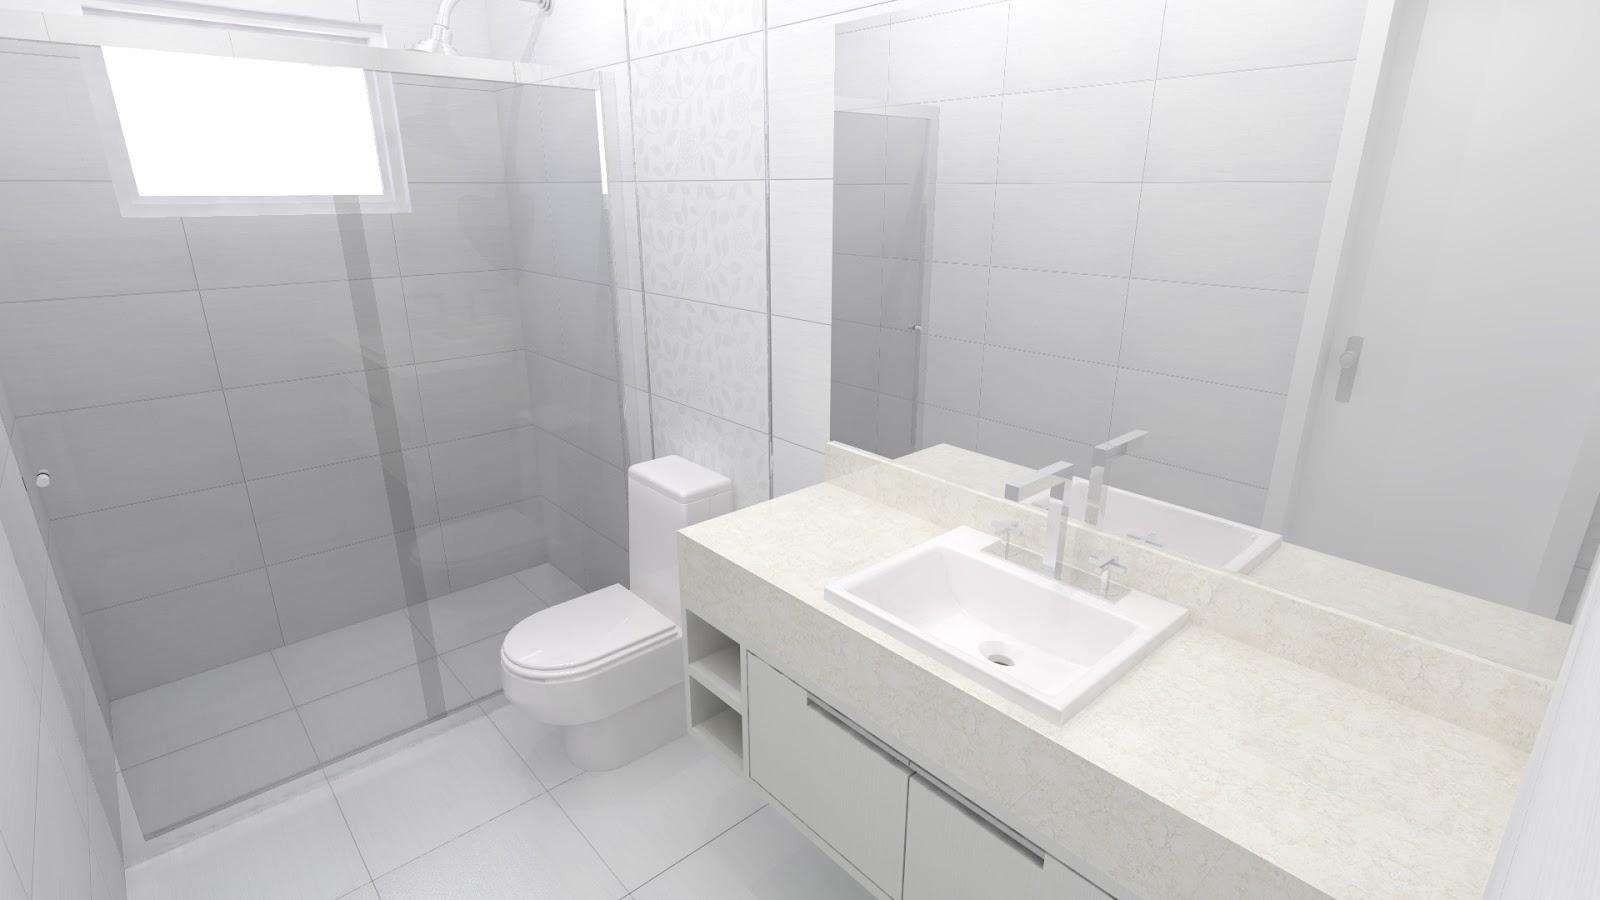 Construindo nossa casa: Projeto banheiros #656269 1600x900 Banheiro Com Vaso Bege